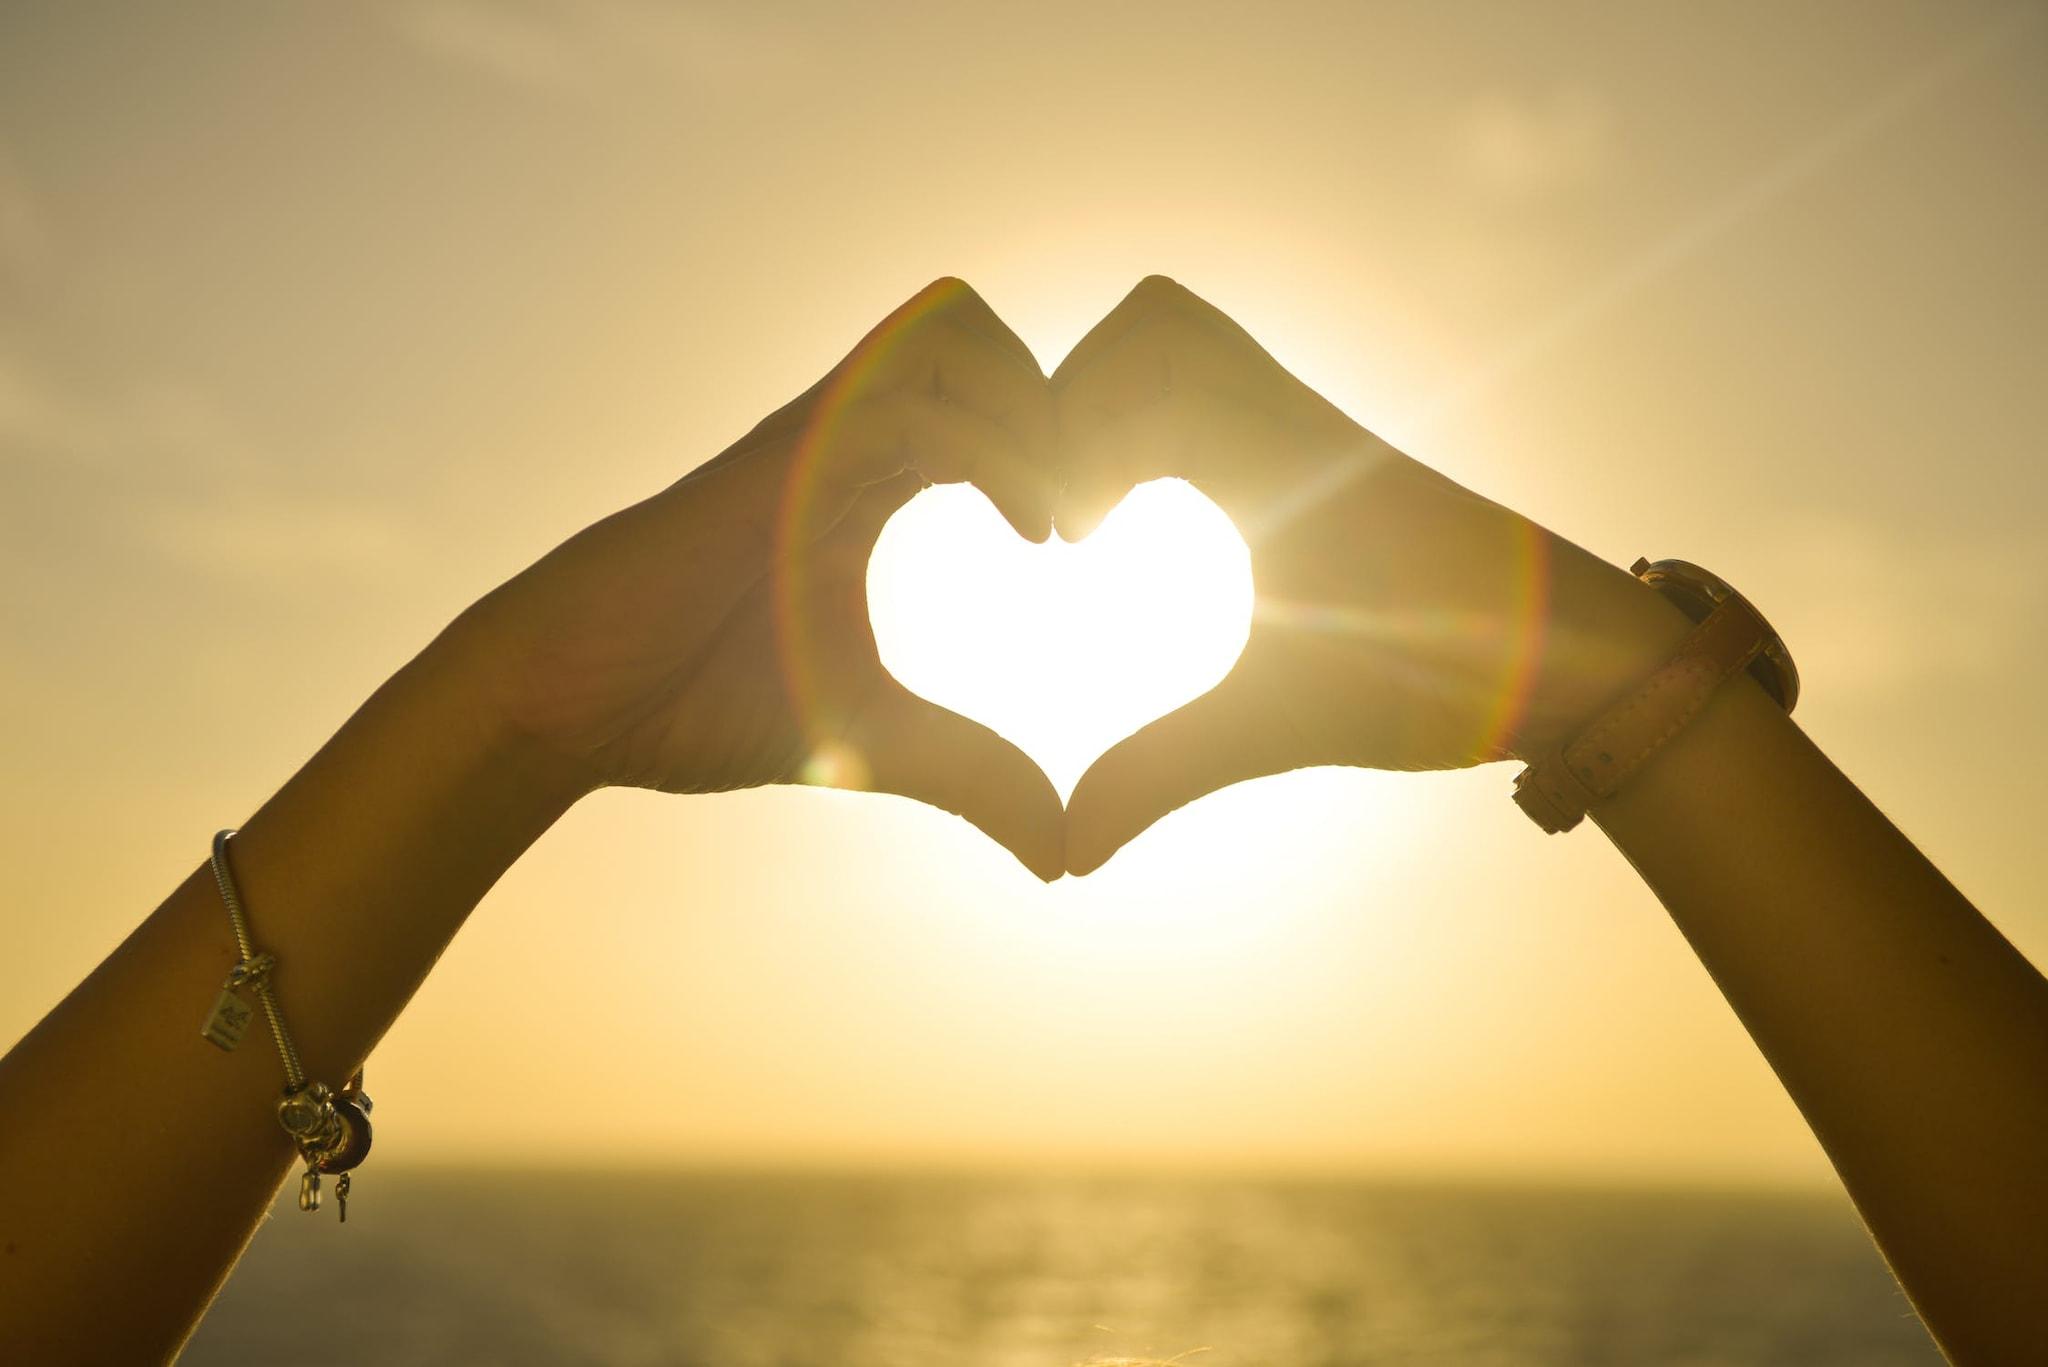 या अभ्यासक्रमात अजून 7 विभाग आहेत. त्यात स्वत:वर प्रेम कसं करायचं ते शिकवलं जातं.